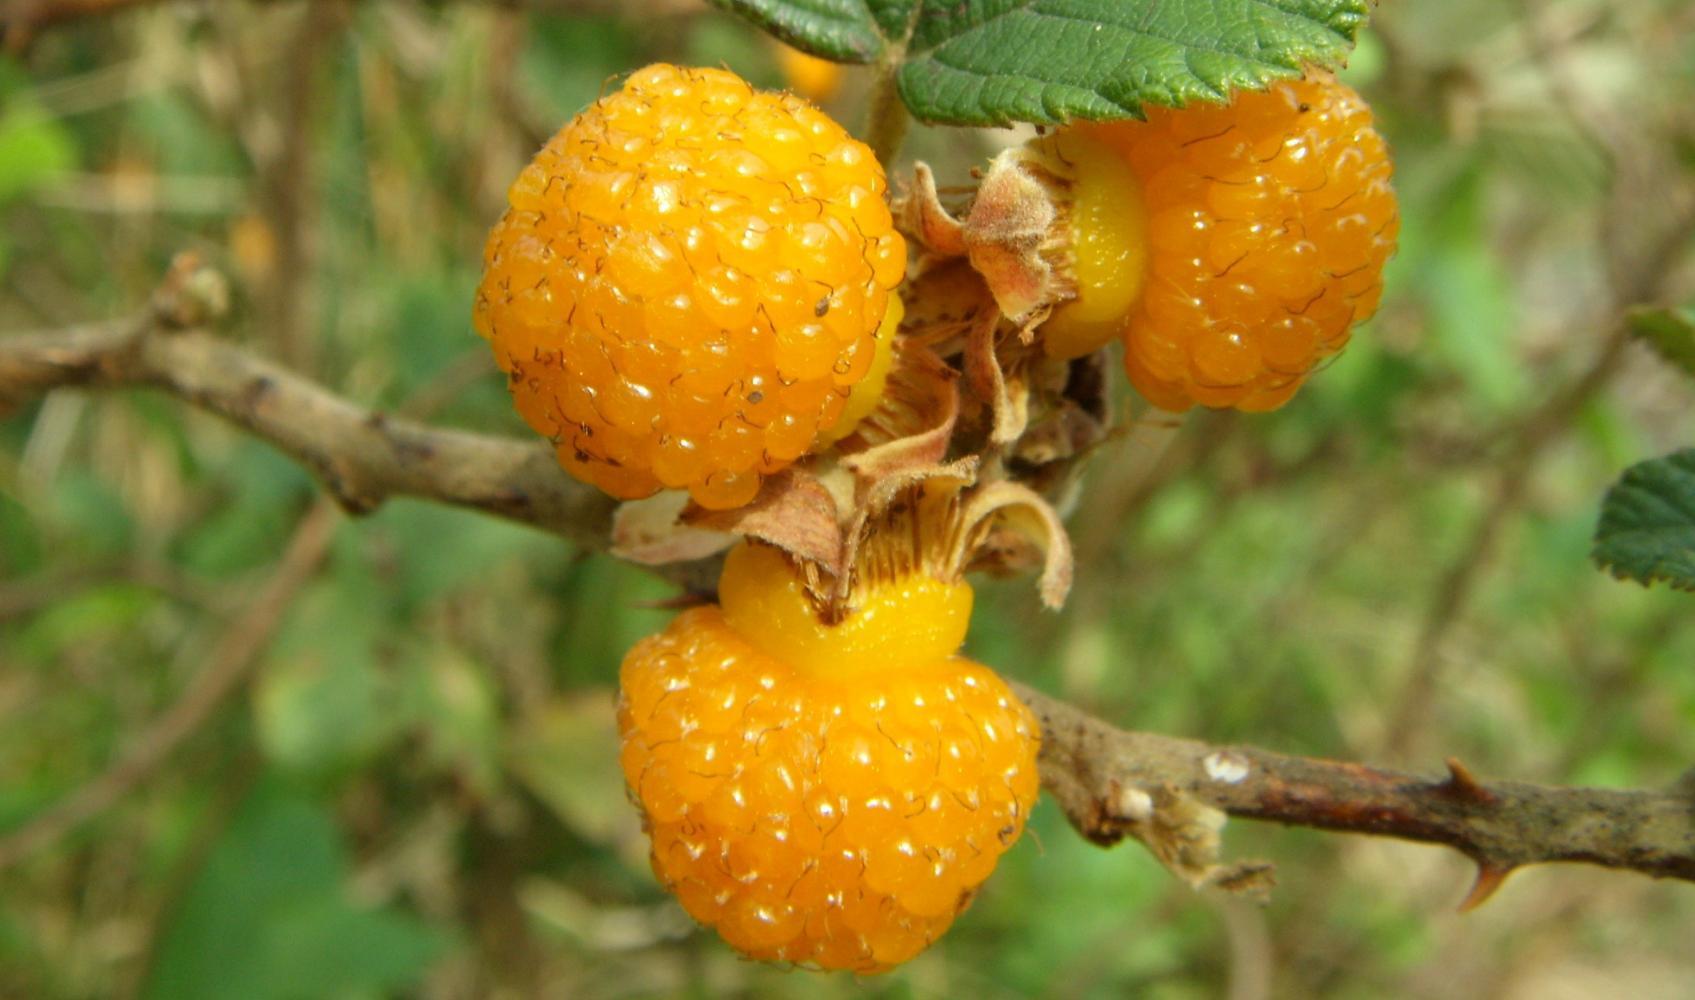 云南那些奇葩的水果, 个个都是美味